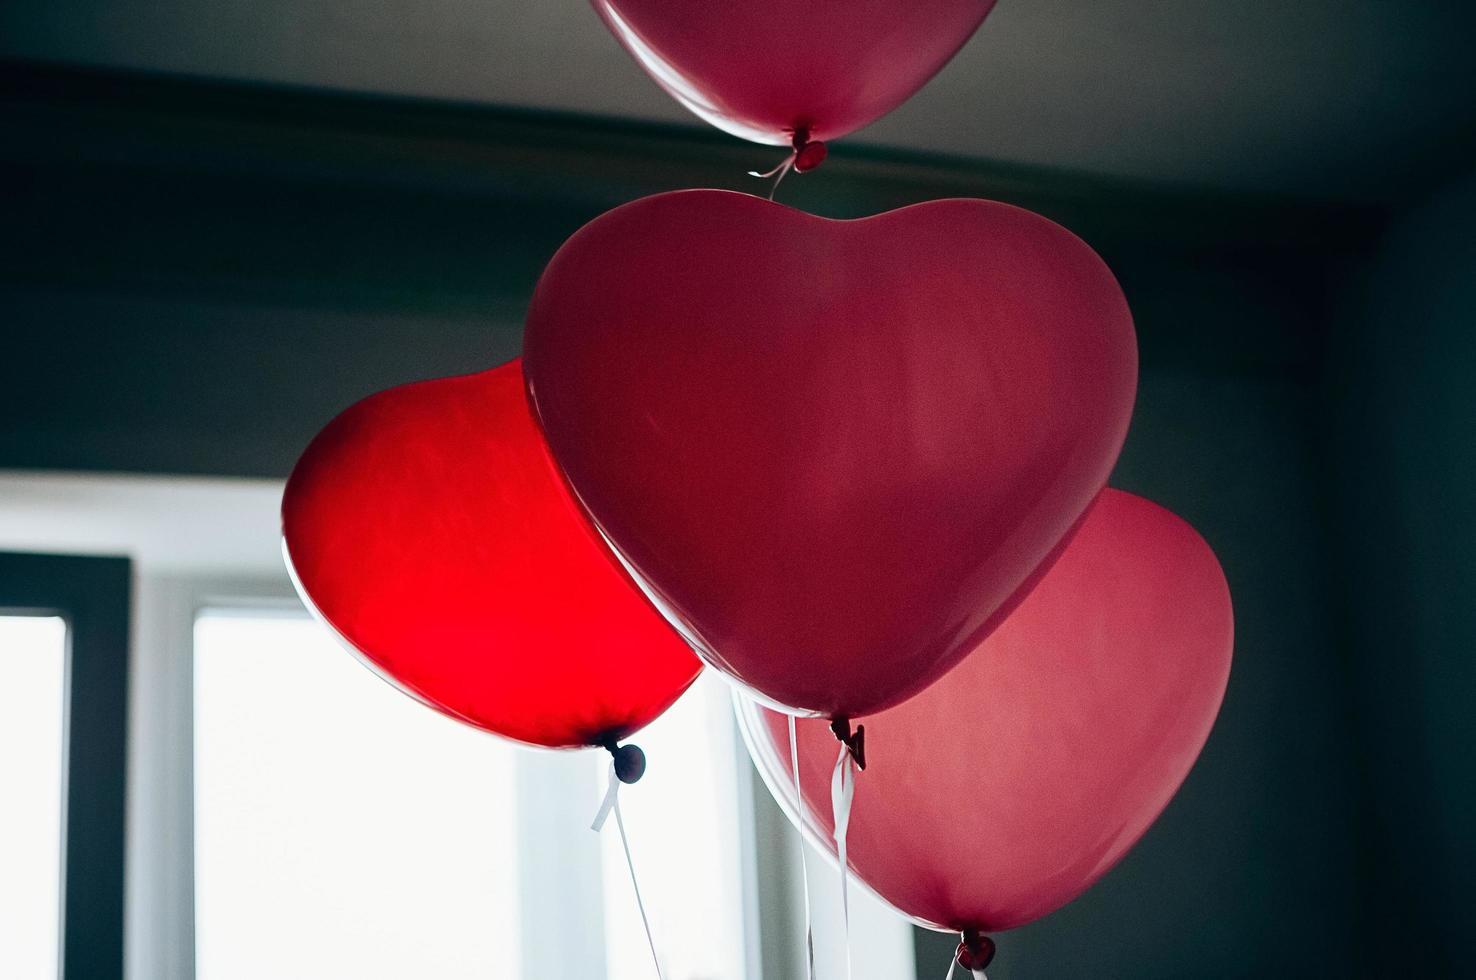 Globos en forma de corazón rojo vintage contra la ventana foto